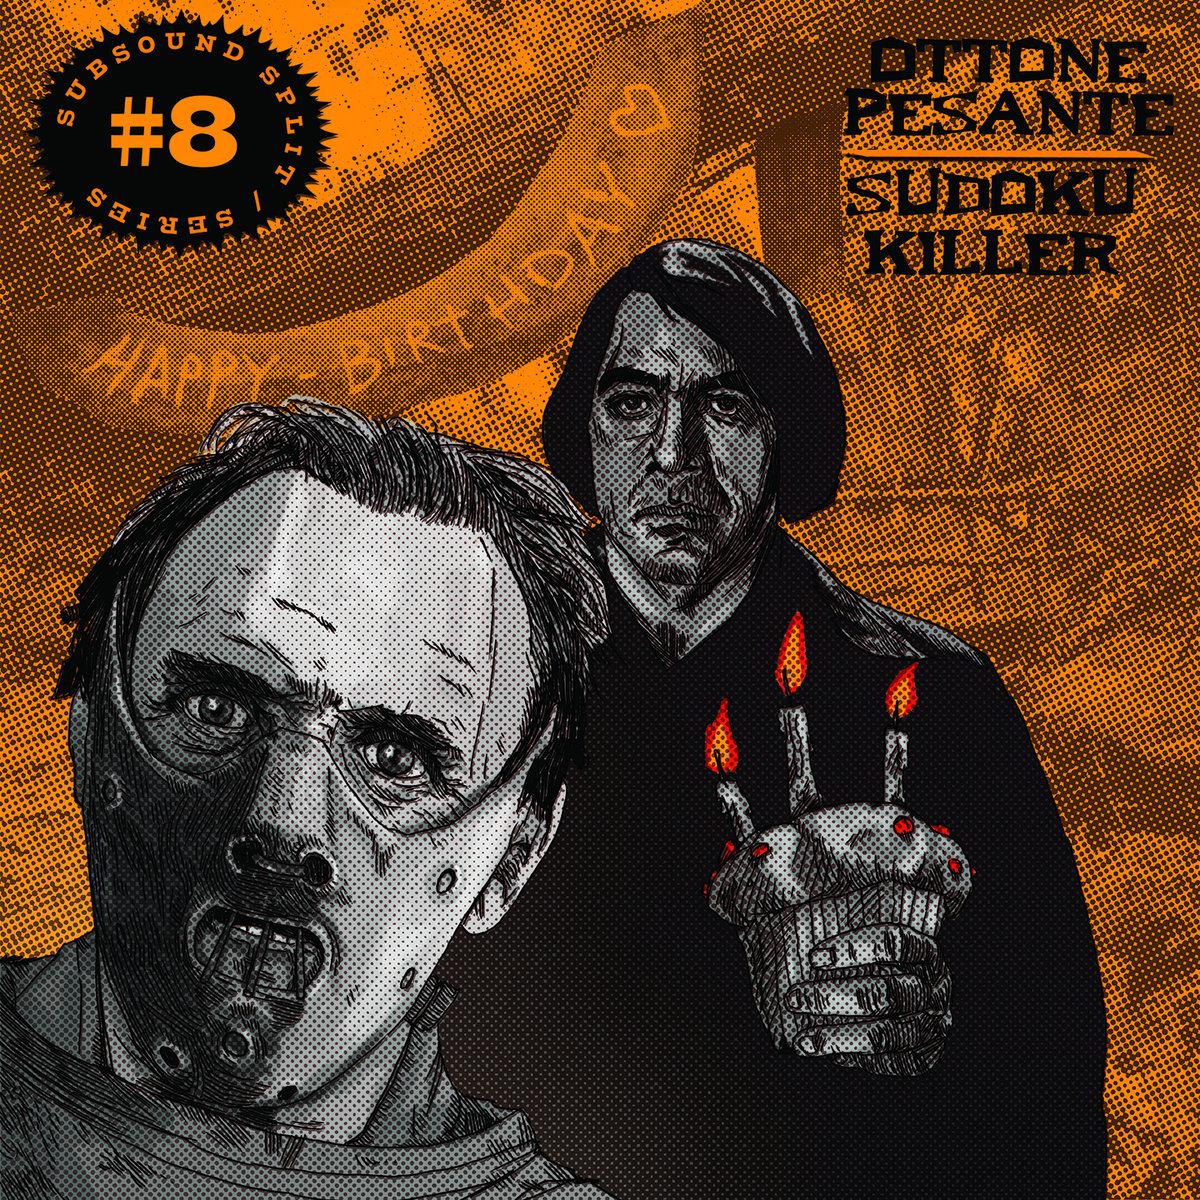 Split 08 - Ottone Pesante / Sudoku Killer | Subsound Split